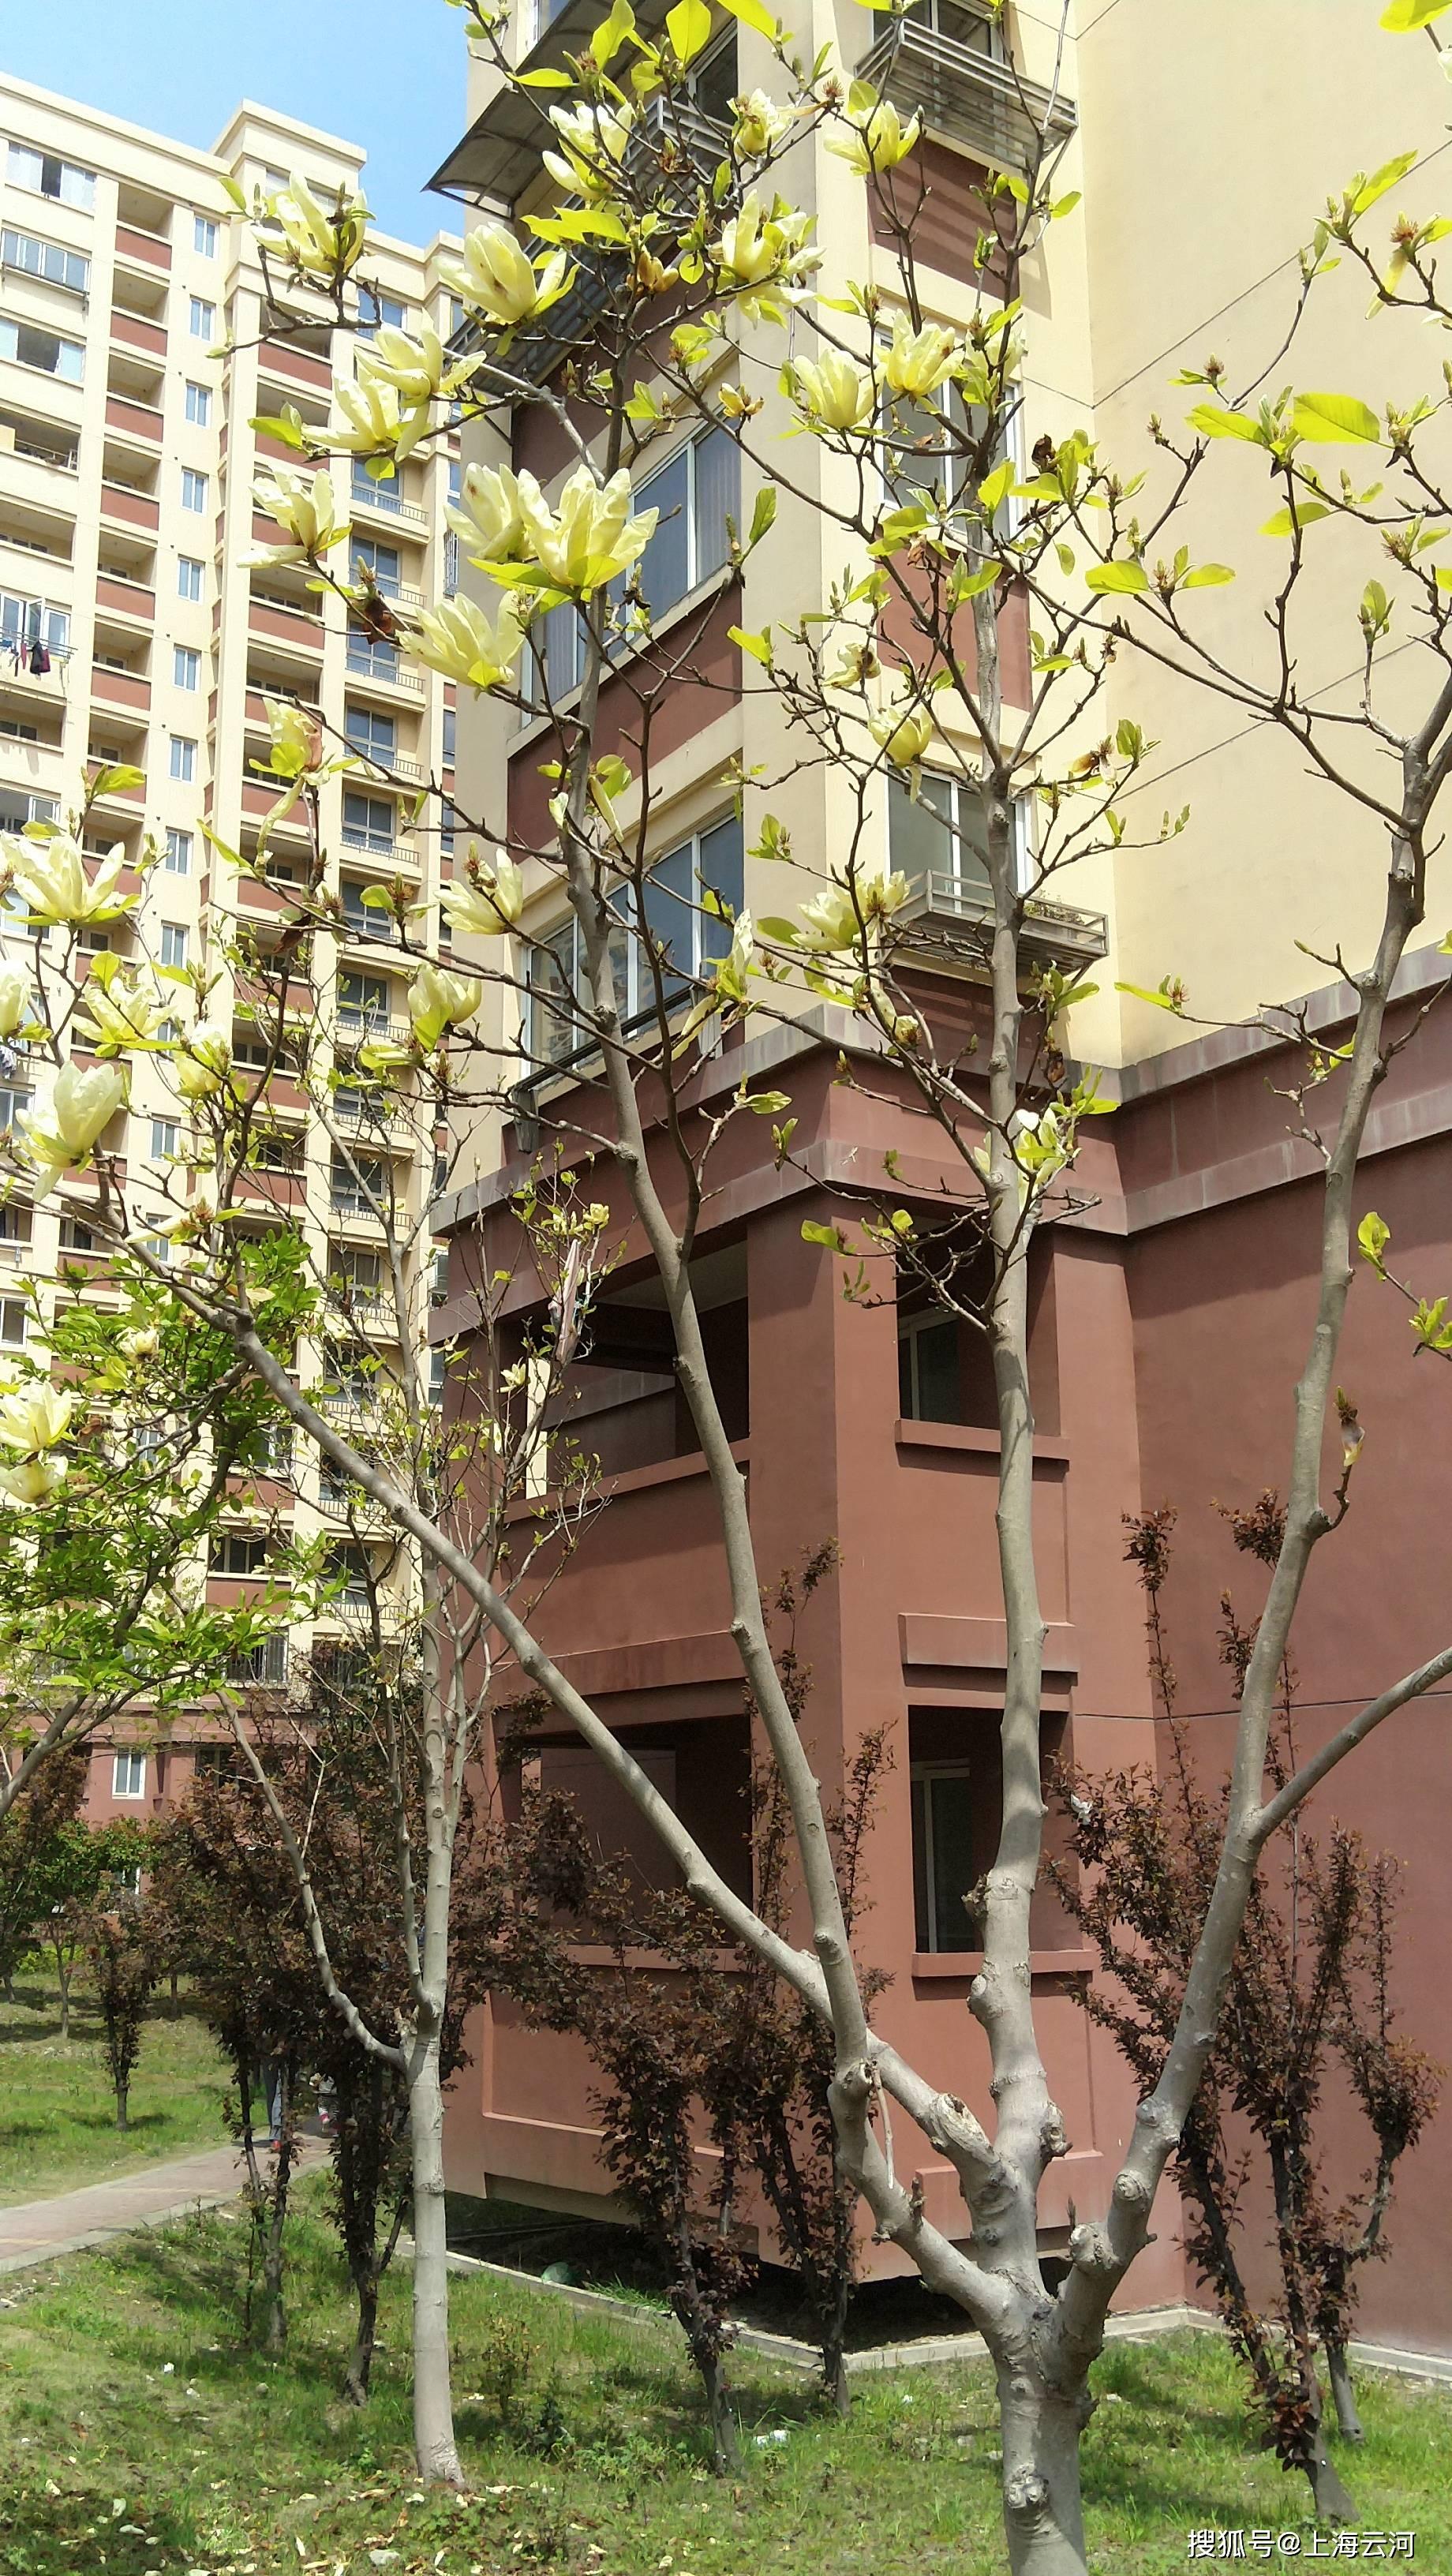 威利斯人游戏网此: 情况优美的居住小区(2)